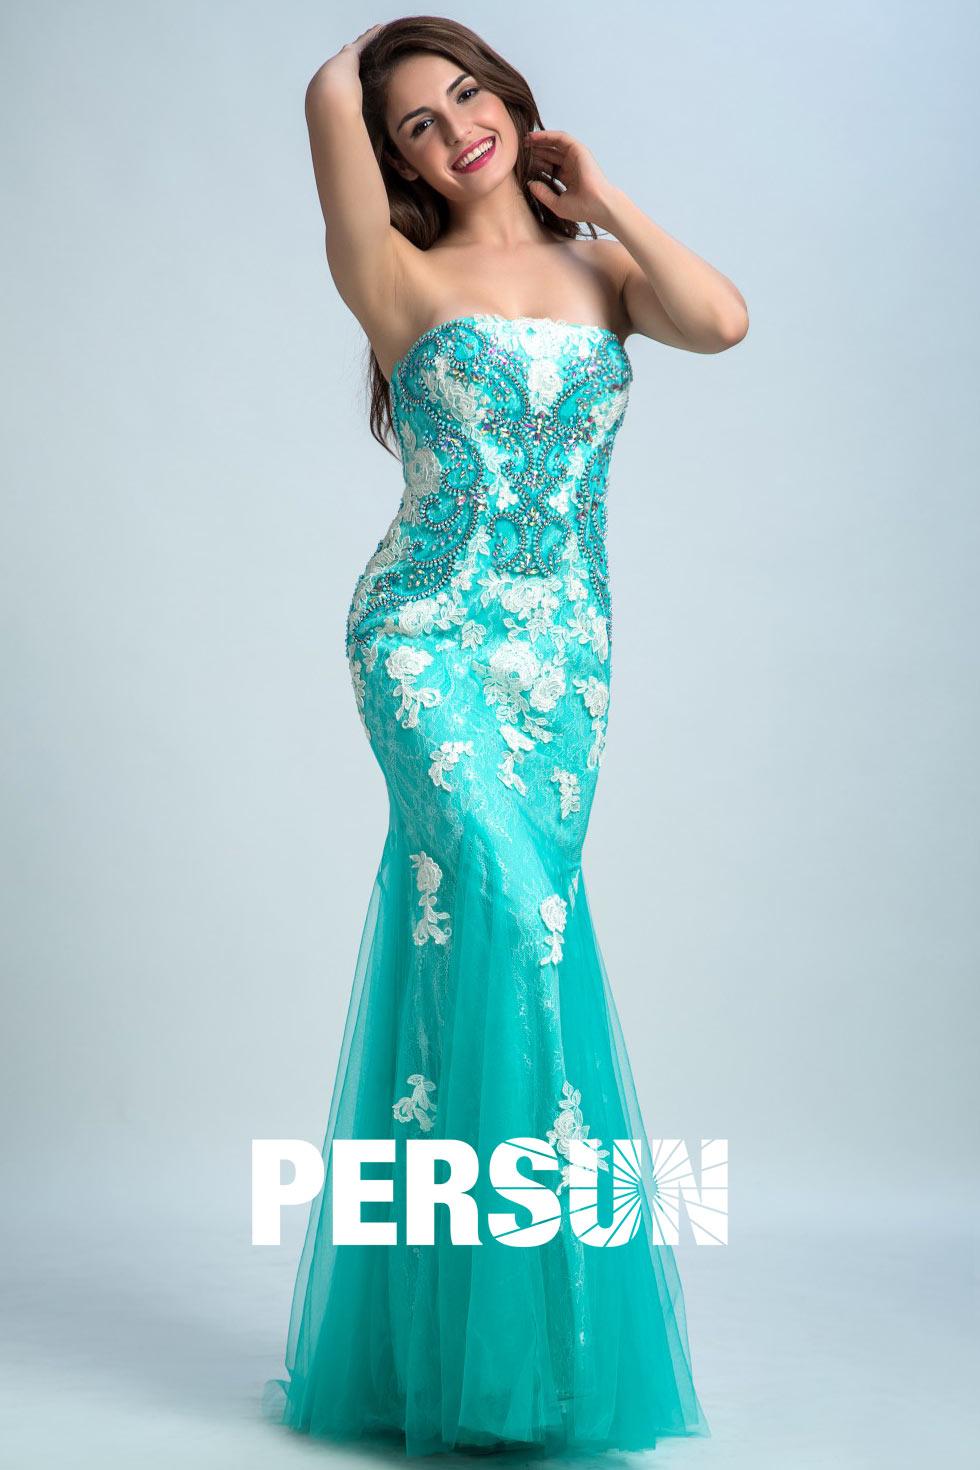 Deckleisten Meerjungfrau blau lang träglos Abendkleid aus Tüll